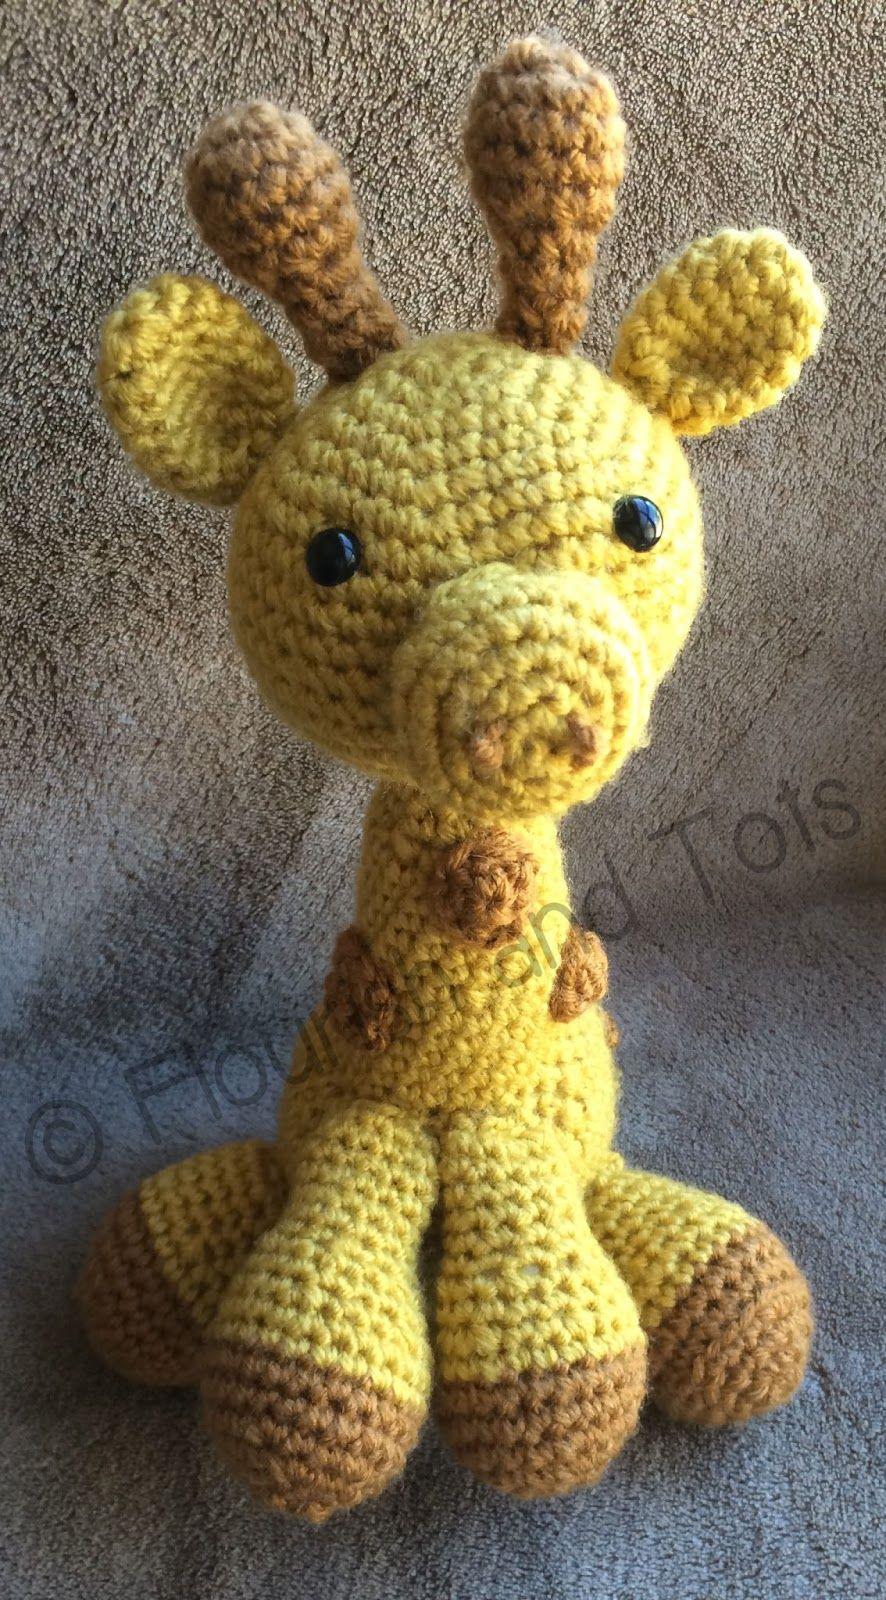 Giraffehäkelnanleitung Kostenlos Sonstiges 2 Crochet